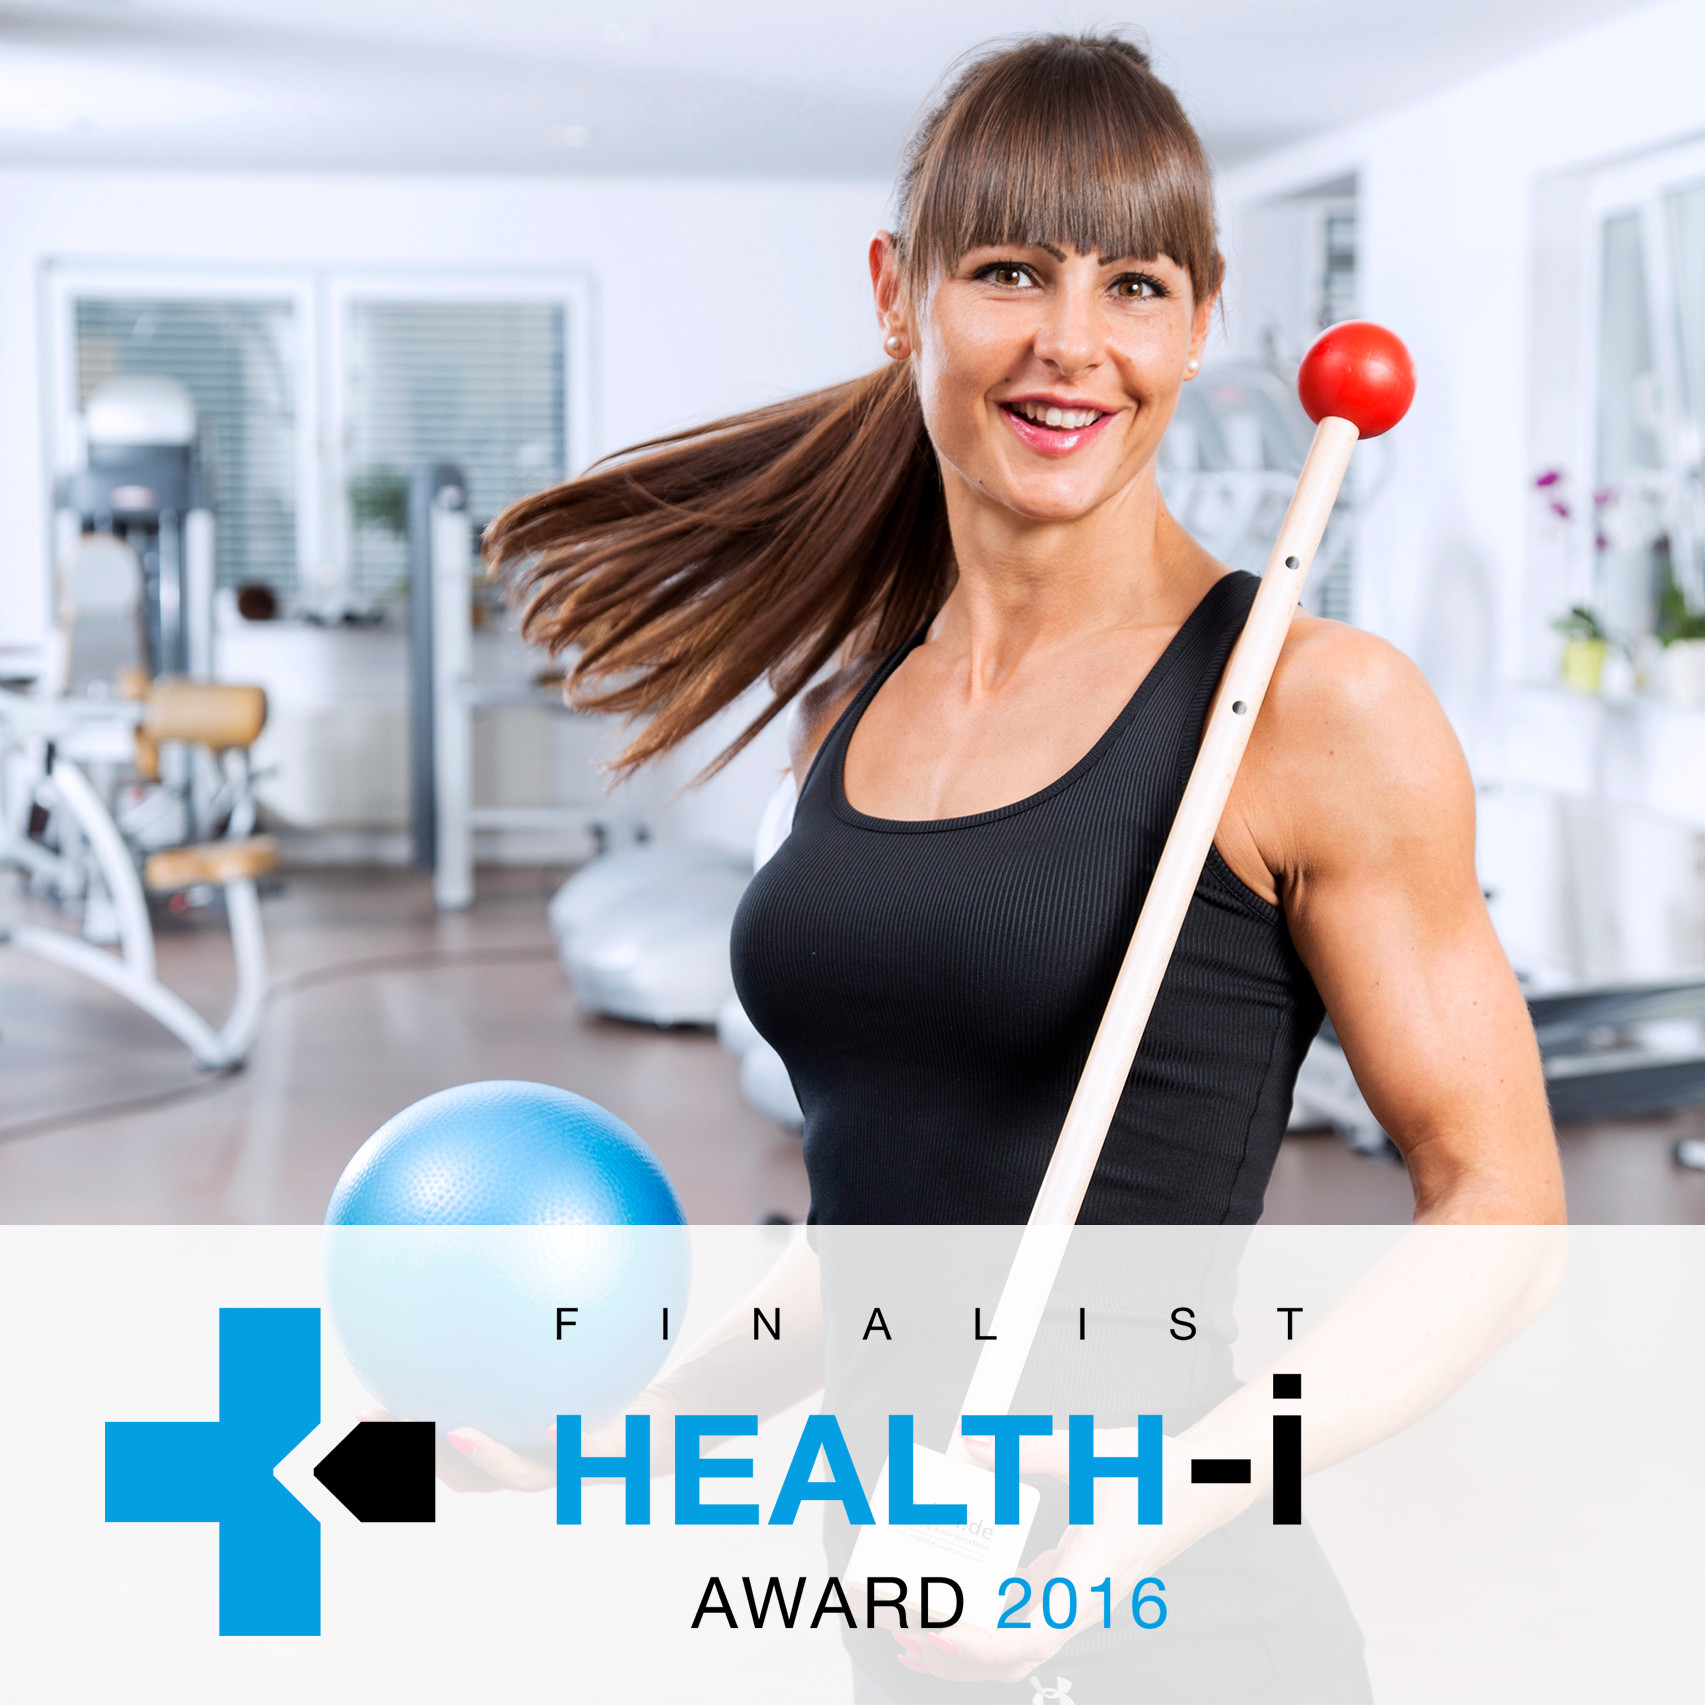 balori_health-i-award-2016_v2